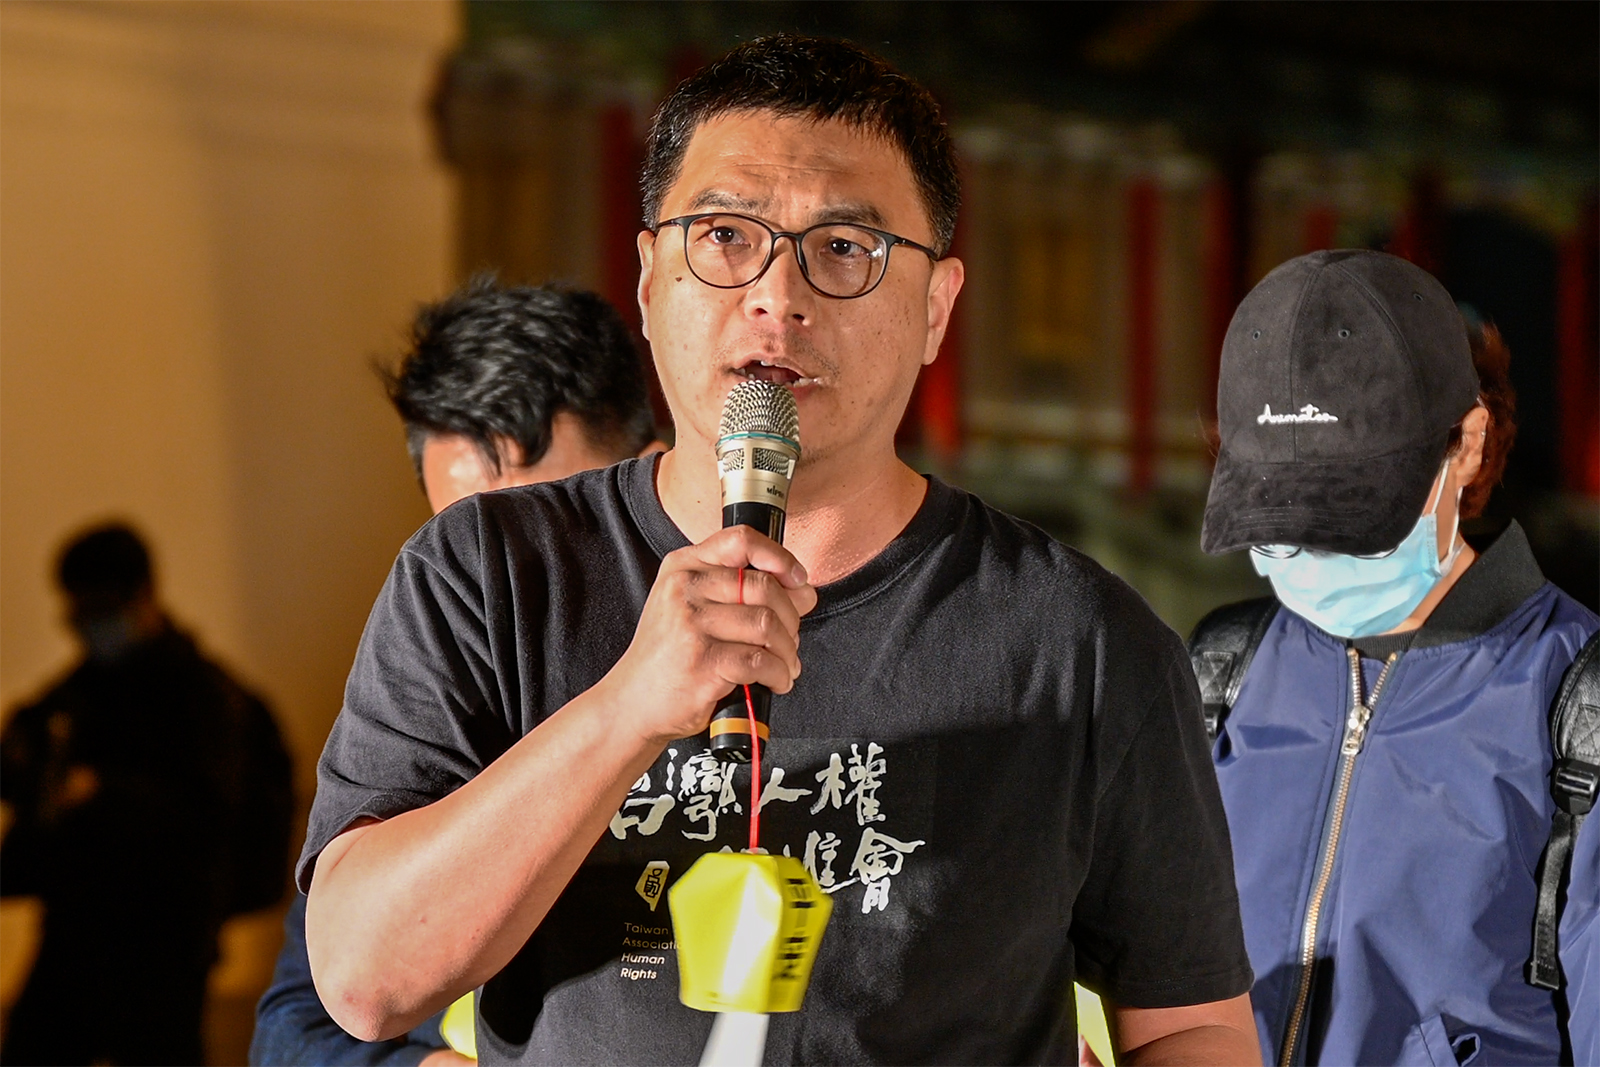 2021年2月8日,台湾人权促进会秘书长施逸翔:政府应成立人权庇机制,收容香港和西藏等受迫害人士。(锺广政 摄)